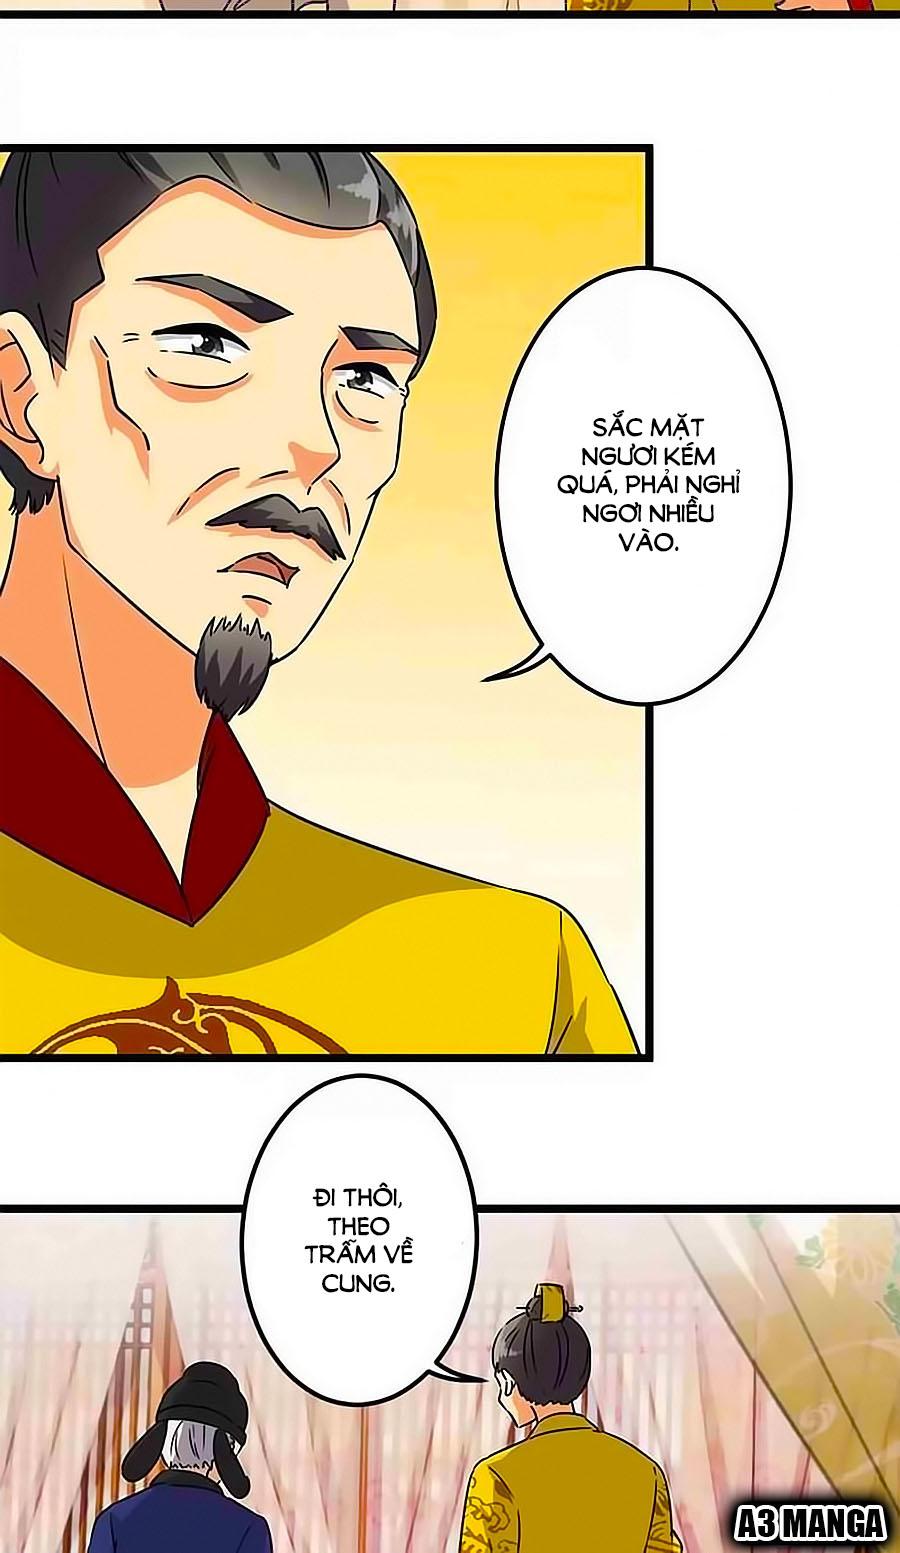 Vương Gia! Ngươi Thật Bỉ Ổi! – Chap 116